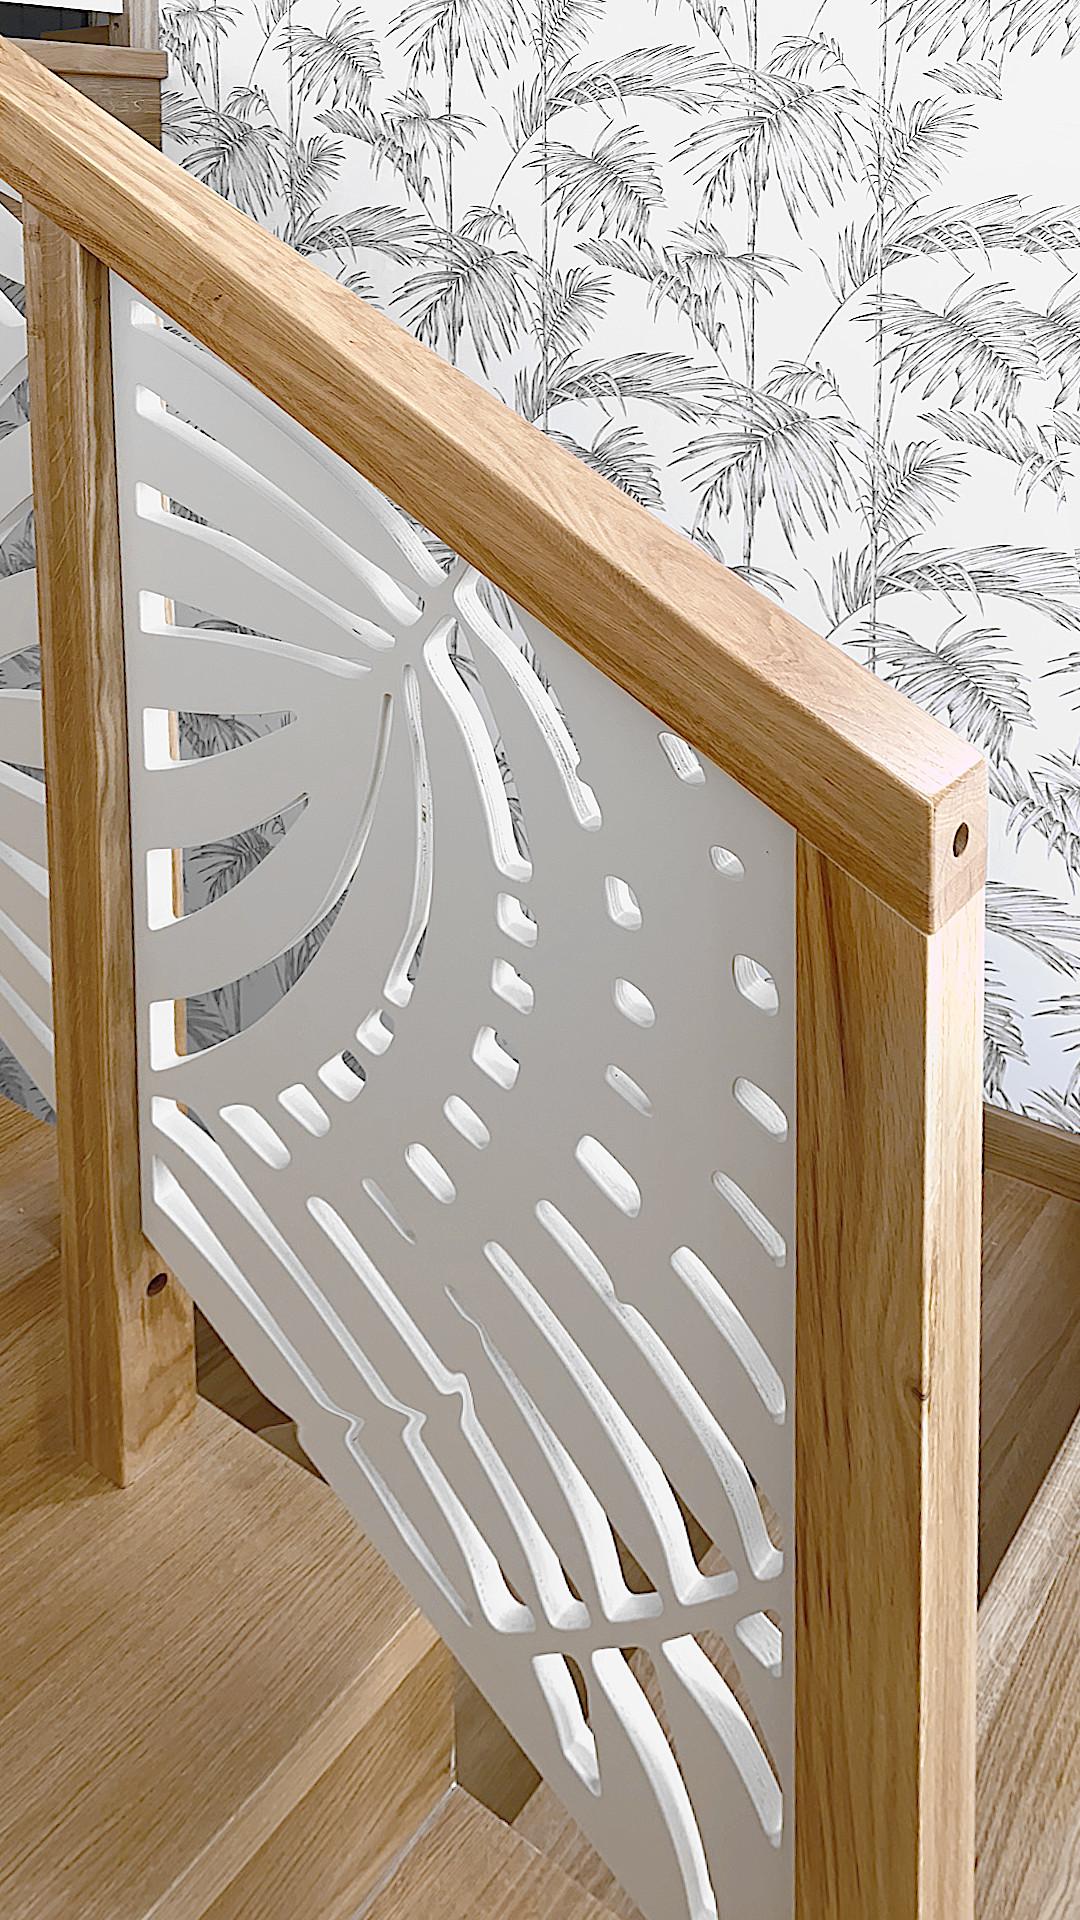 Producent schodów balustrad ażurowych mdf sklejka